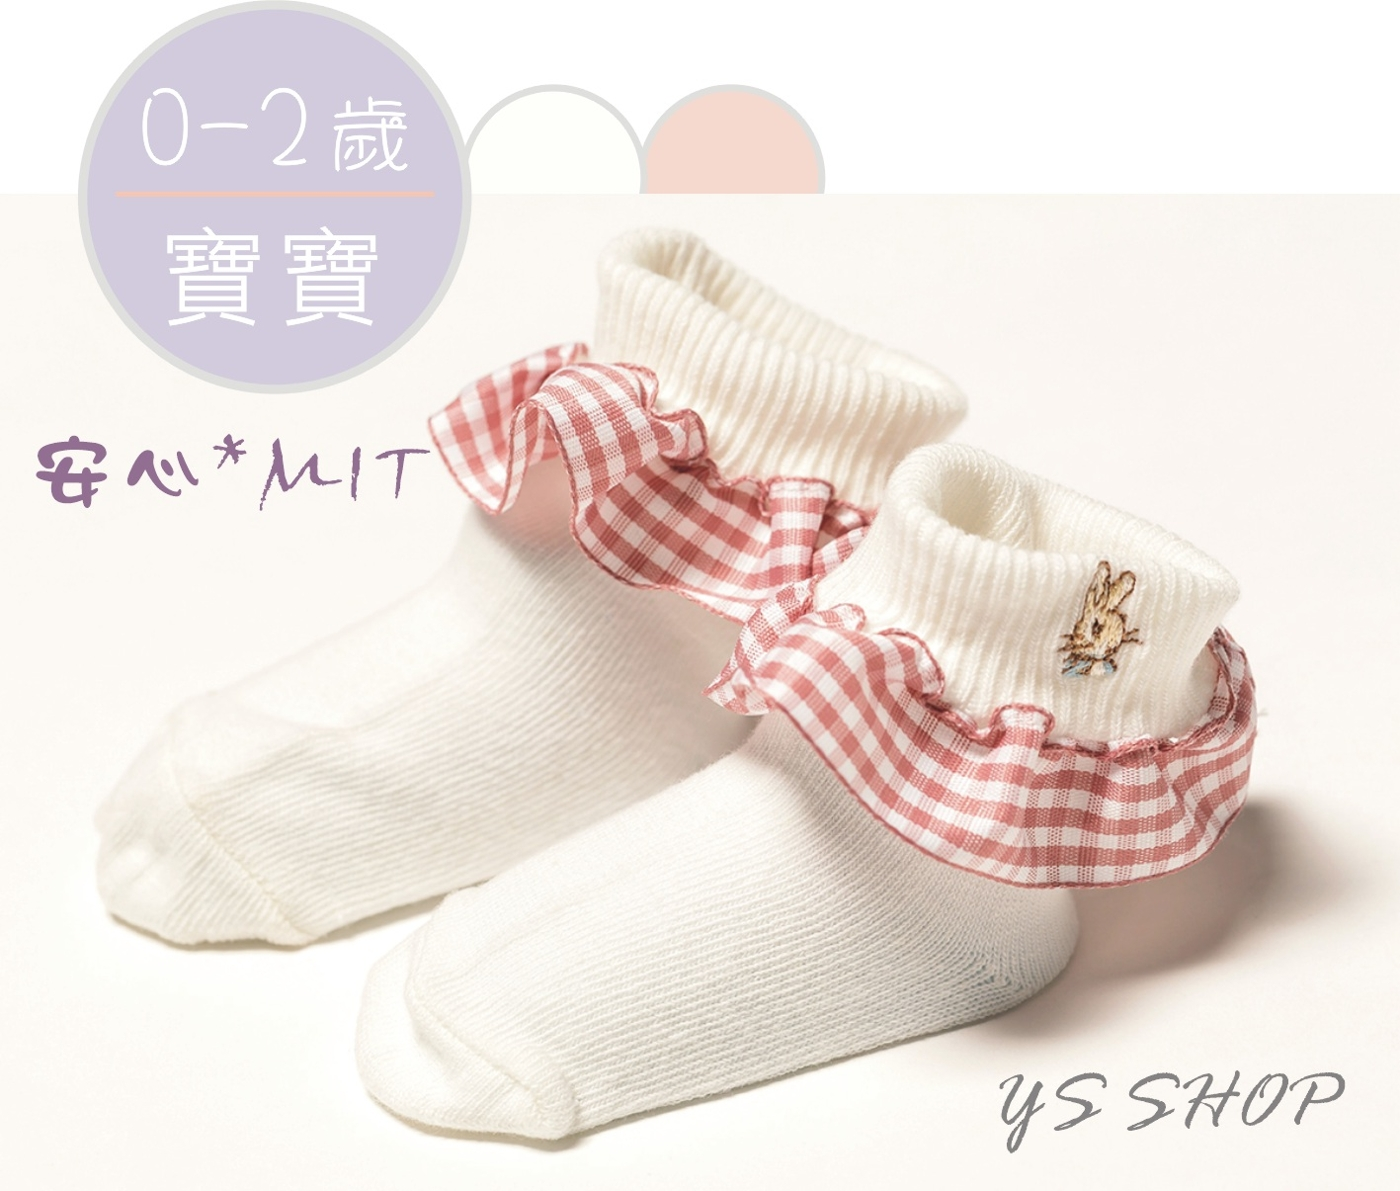 比得兔/彼得兔 精繡防滑寶寶襪/小童襪 - SK100-S/M(共2色)【YS SHOP】